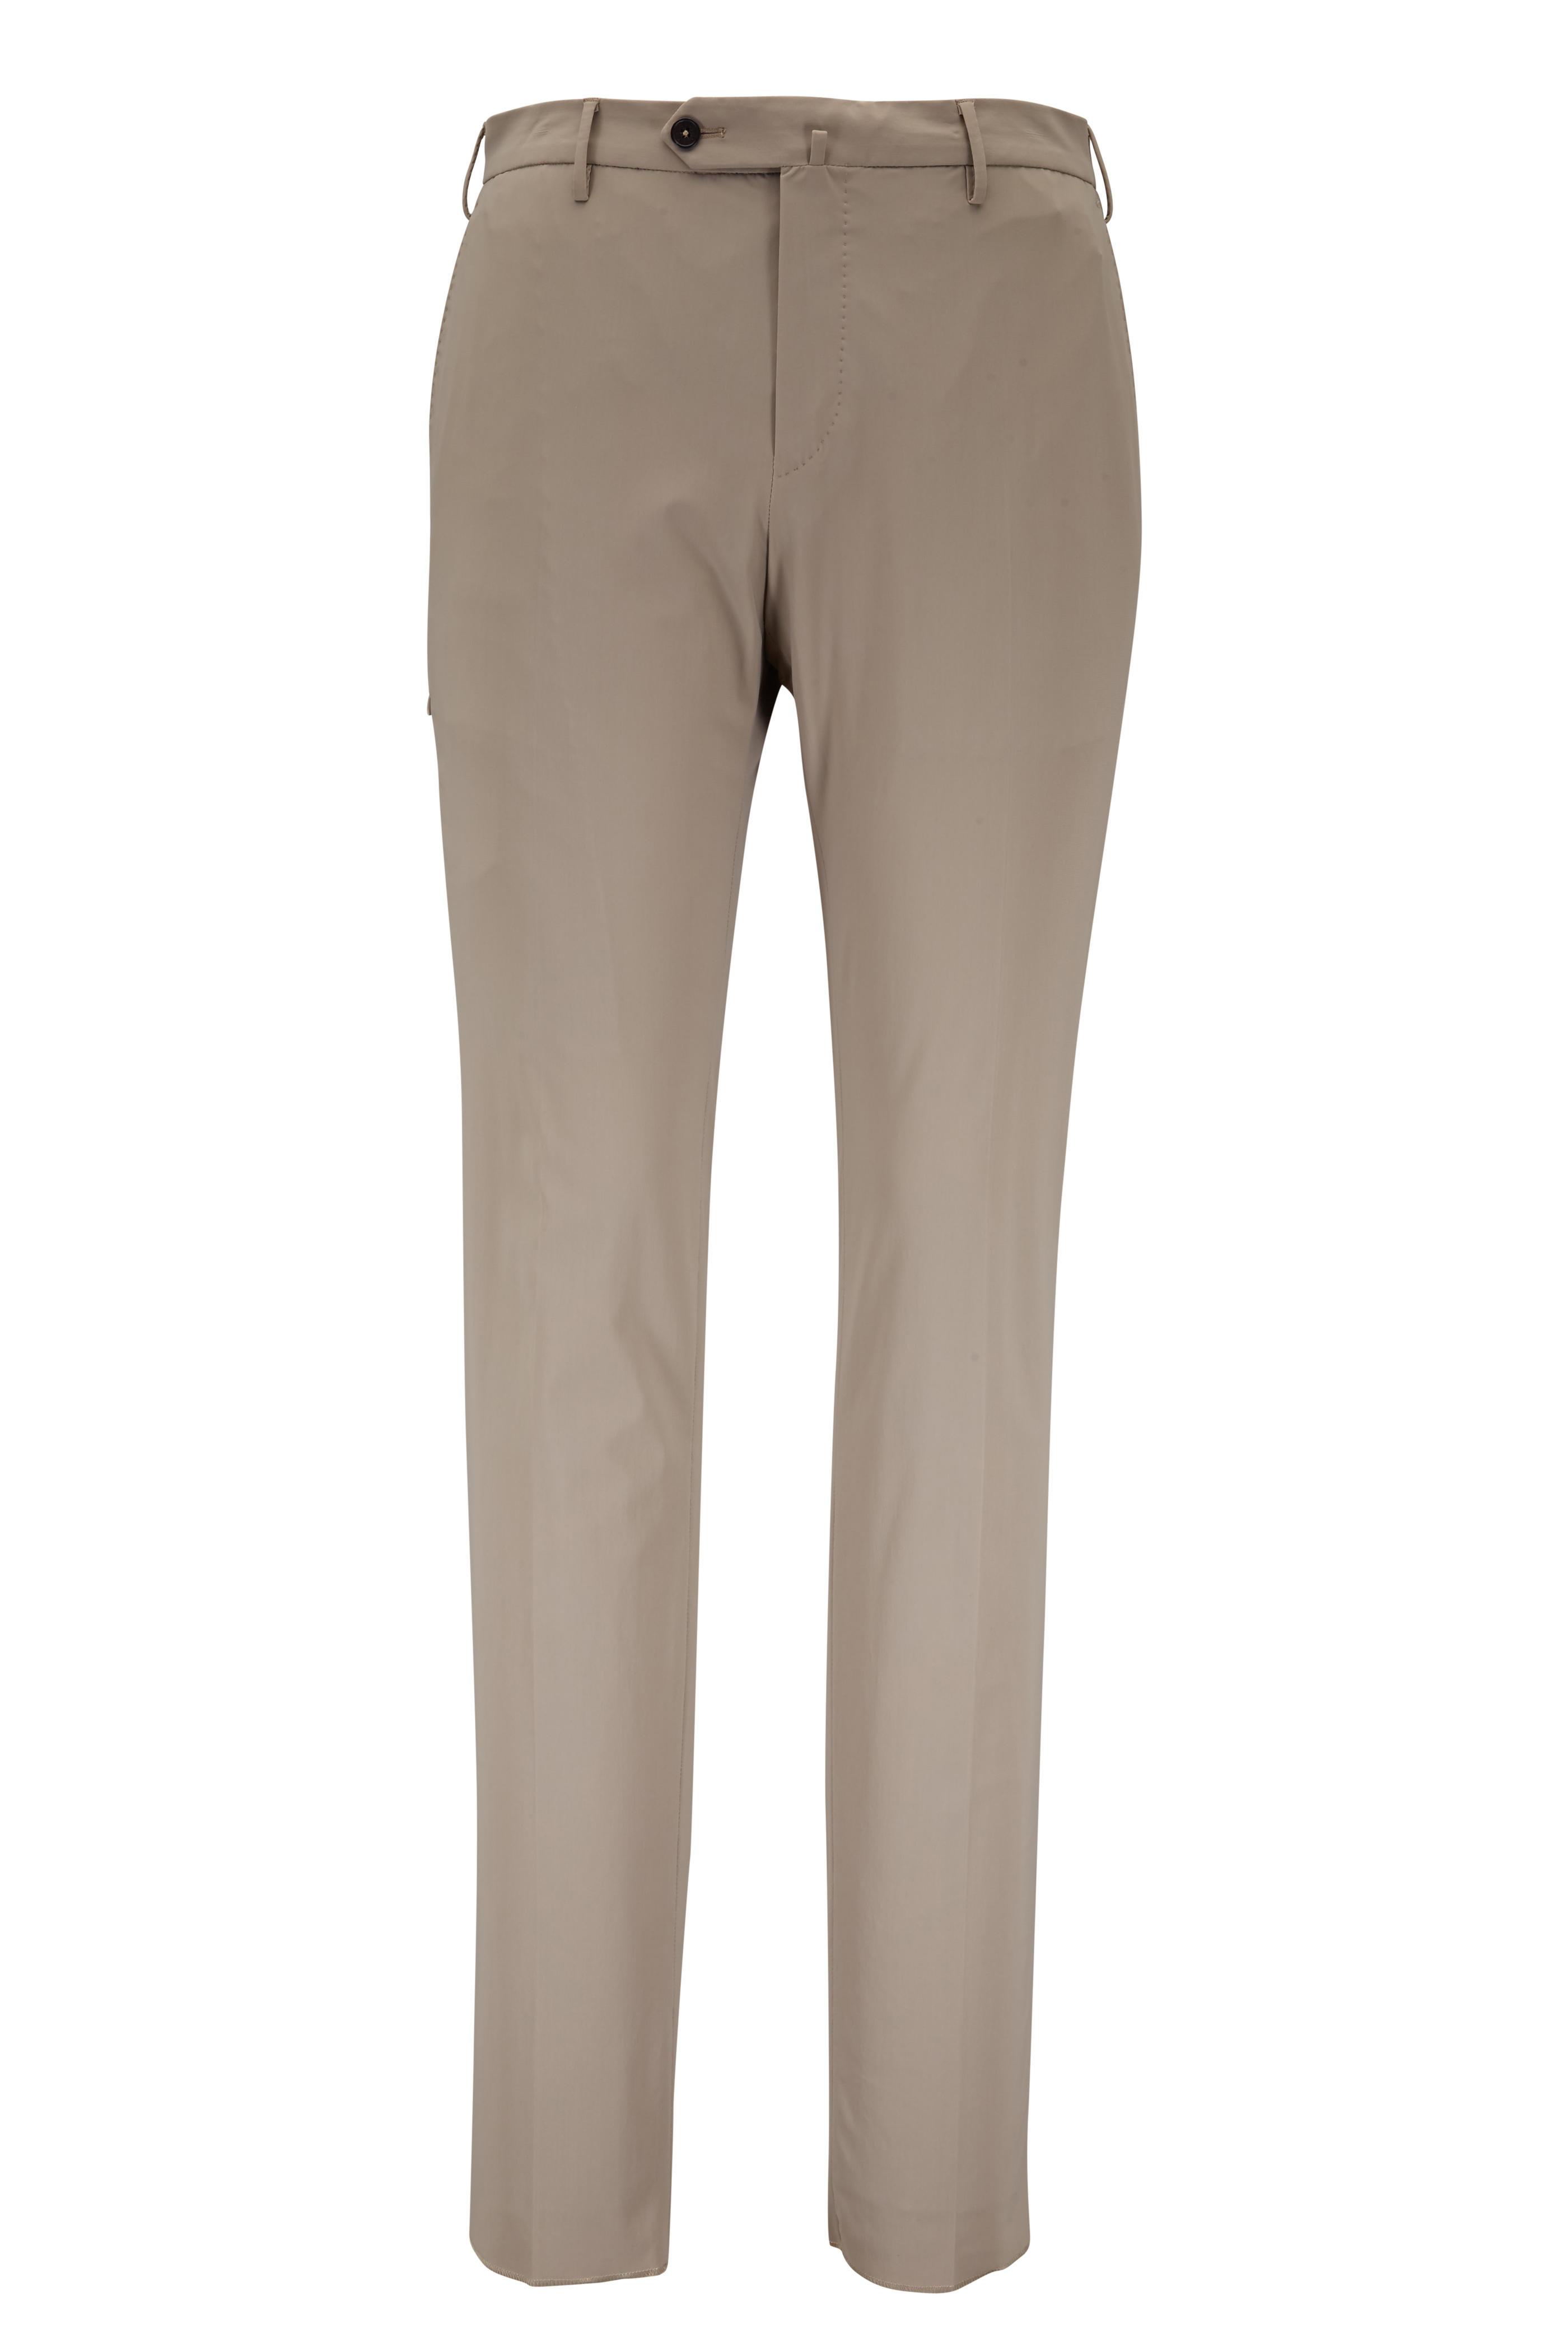 3329251d6bb PT Pantaloni Torino - Tan Kinetic Ultimate Pant | Mitchell Stores